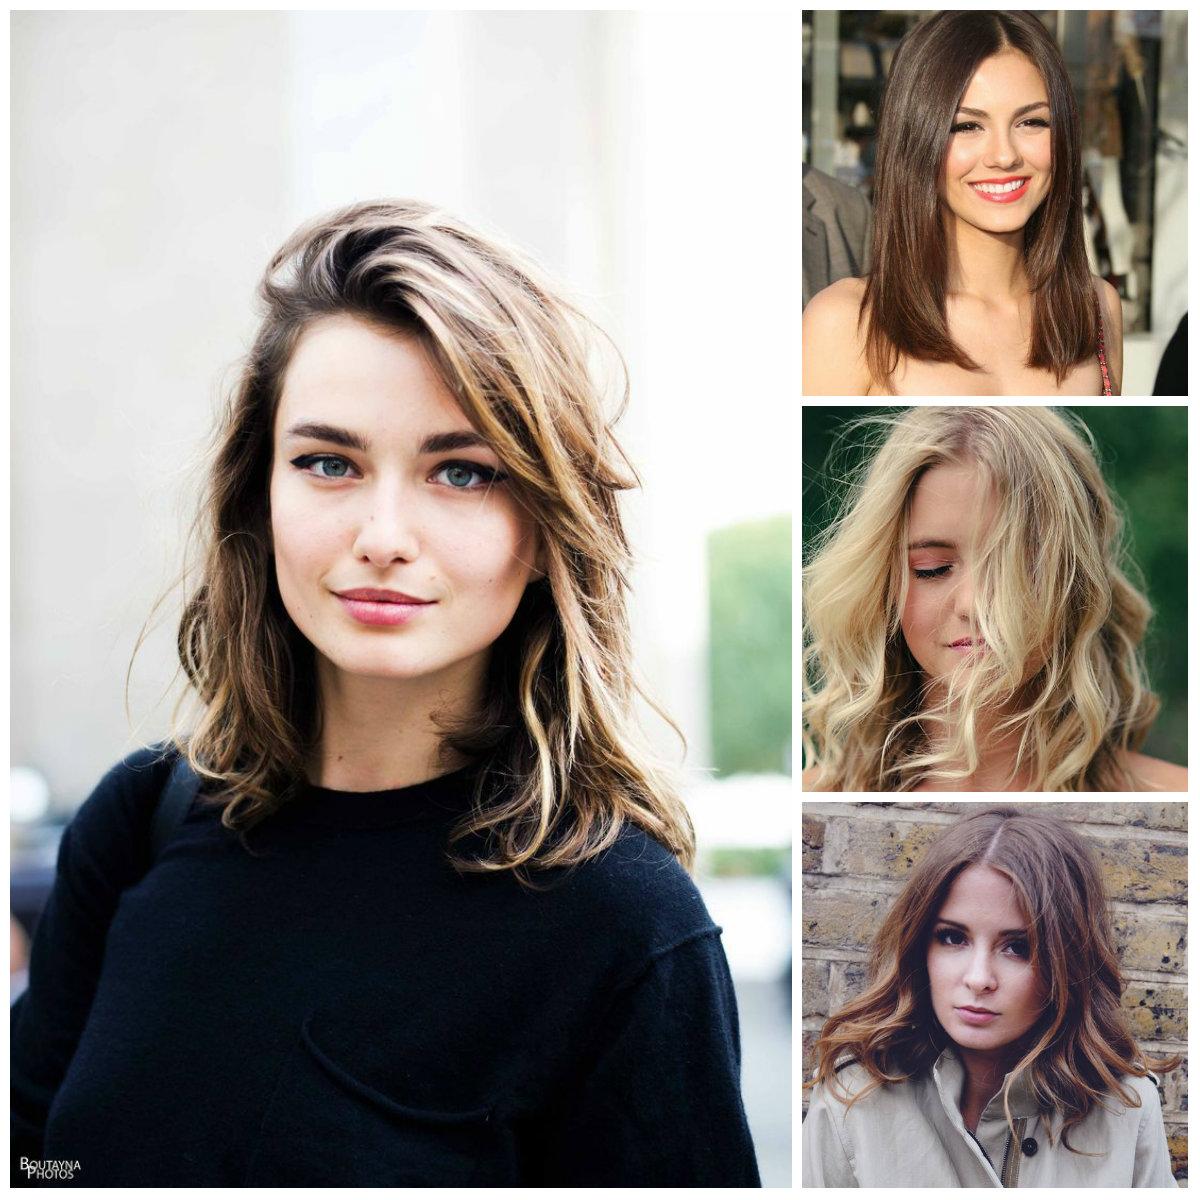 Penteados Elegantes de Comprimento Médio para 2016